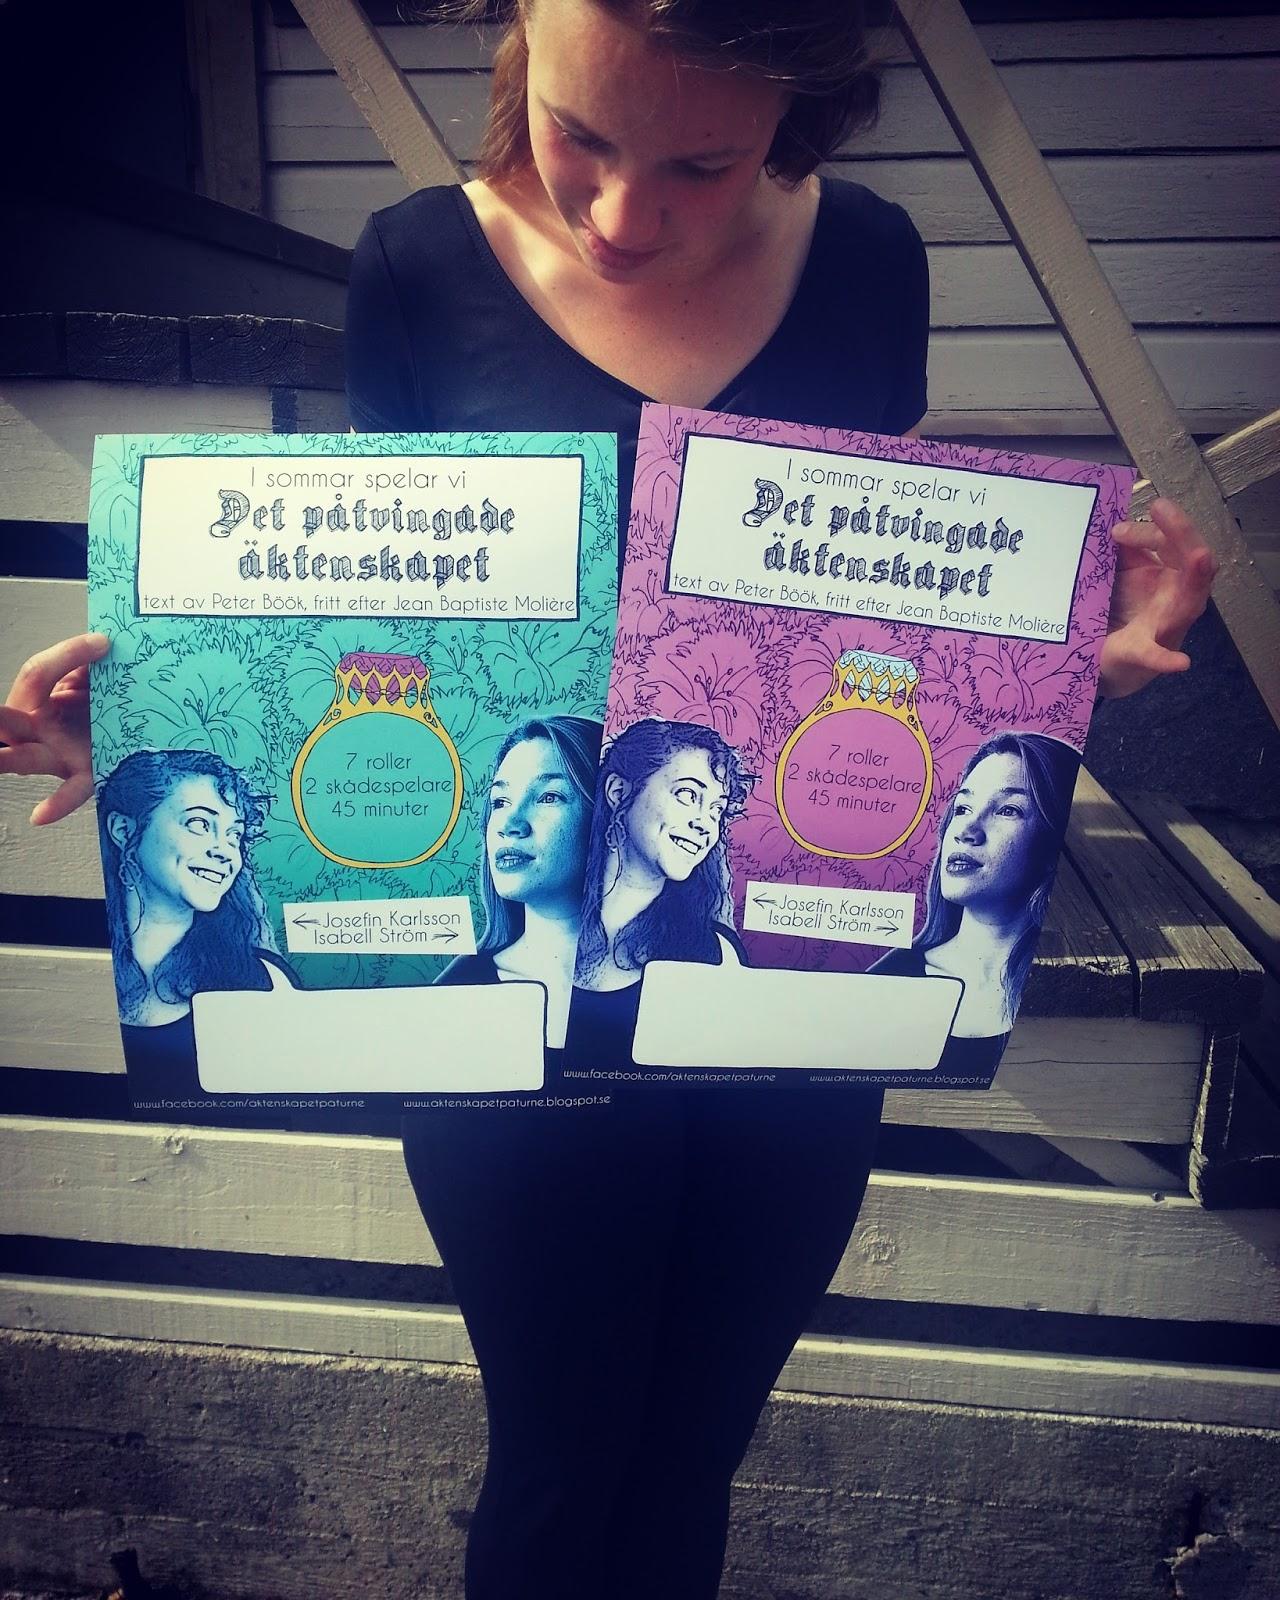 äktenskap inte dating affischer